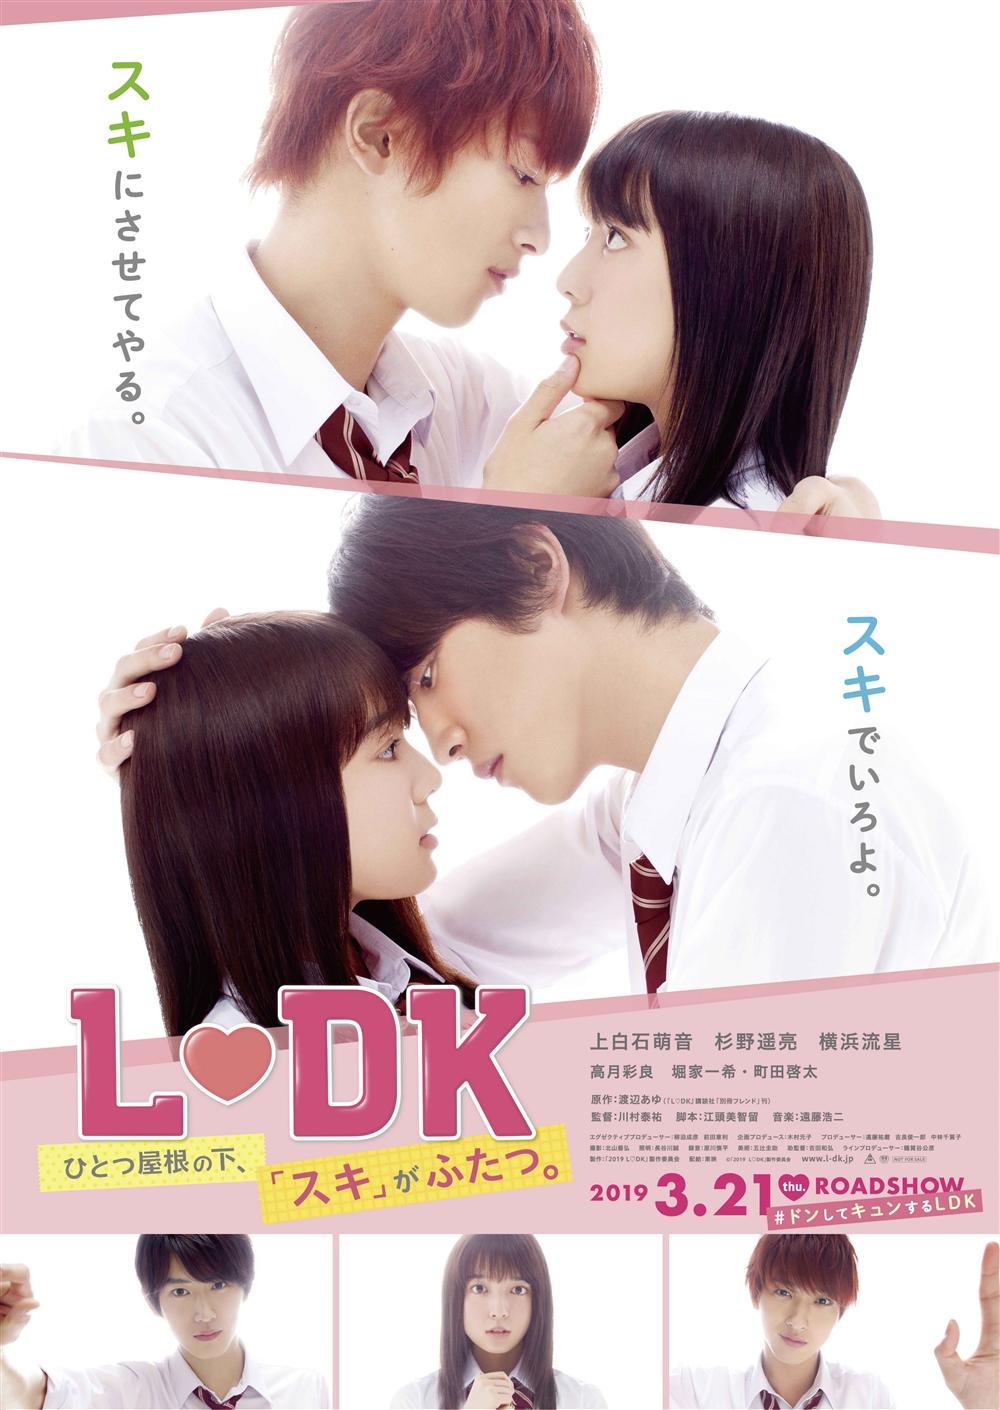 【画像】映画『L♡DKひとつ屋根の下、「スキ」がふたつ。』ポスタービジュアル